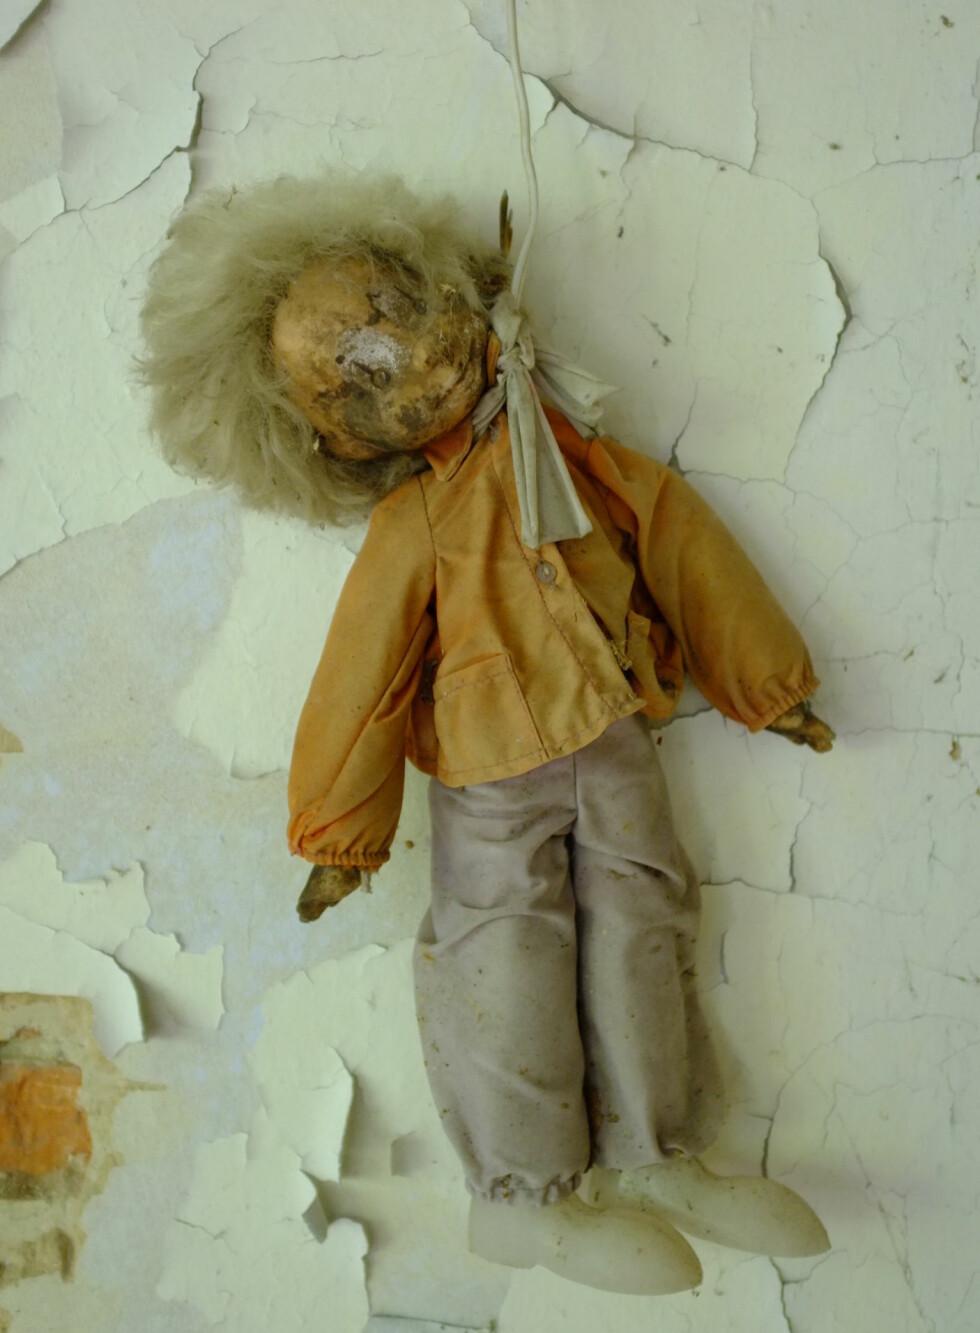 Denne dukken har hengt seg. Slike scener er trolig et resultat av fotografer som har tatt seg sine friheter i jakten på gode motiver.  Foto: Ole Petter Baugerød Stokke